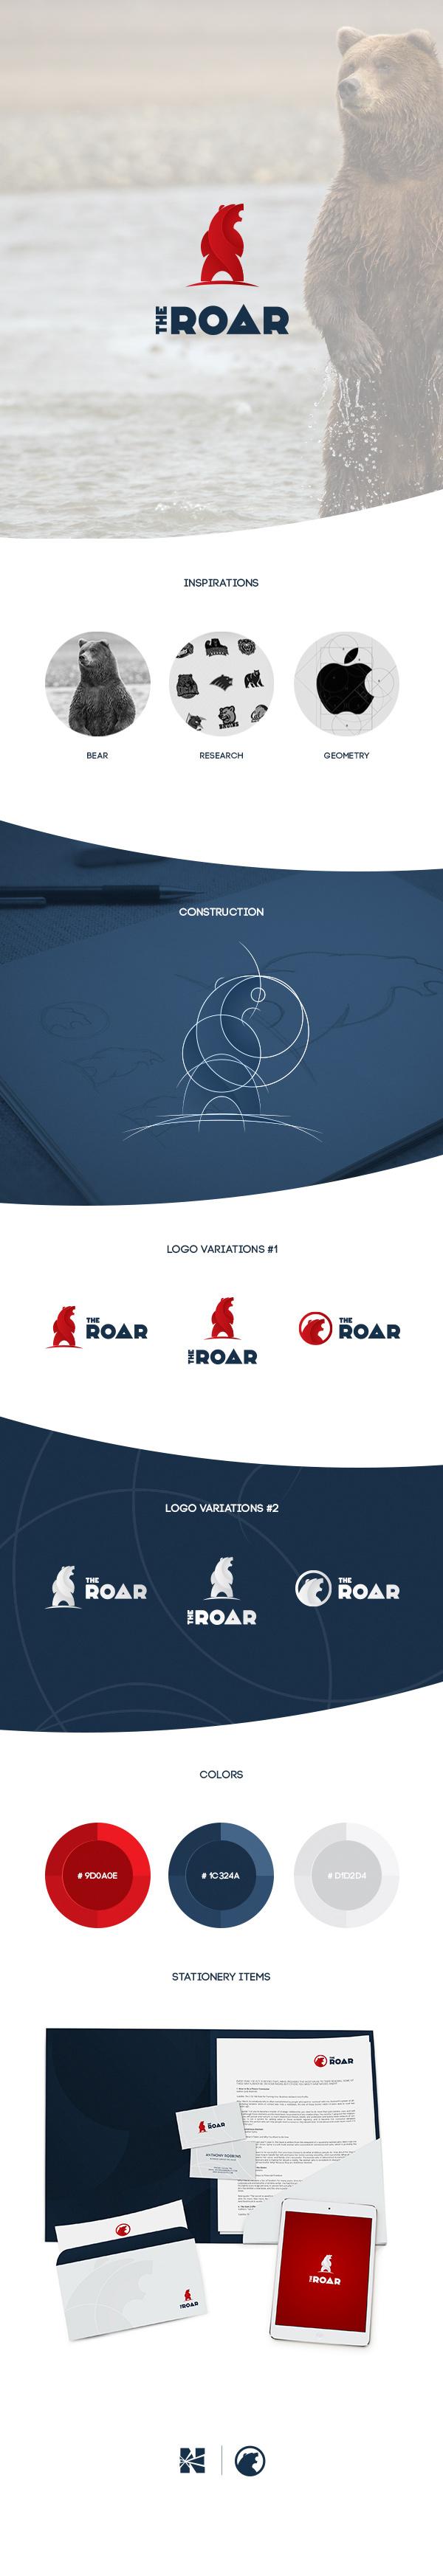 The Roar 1